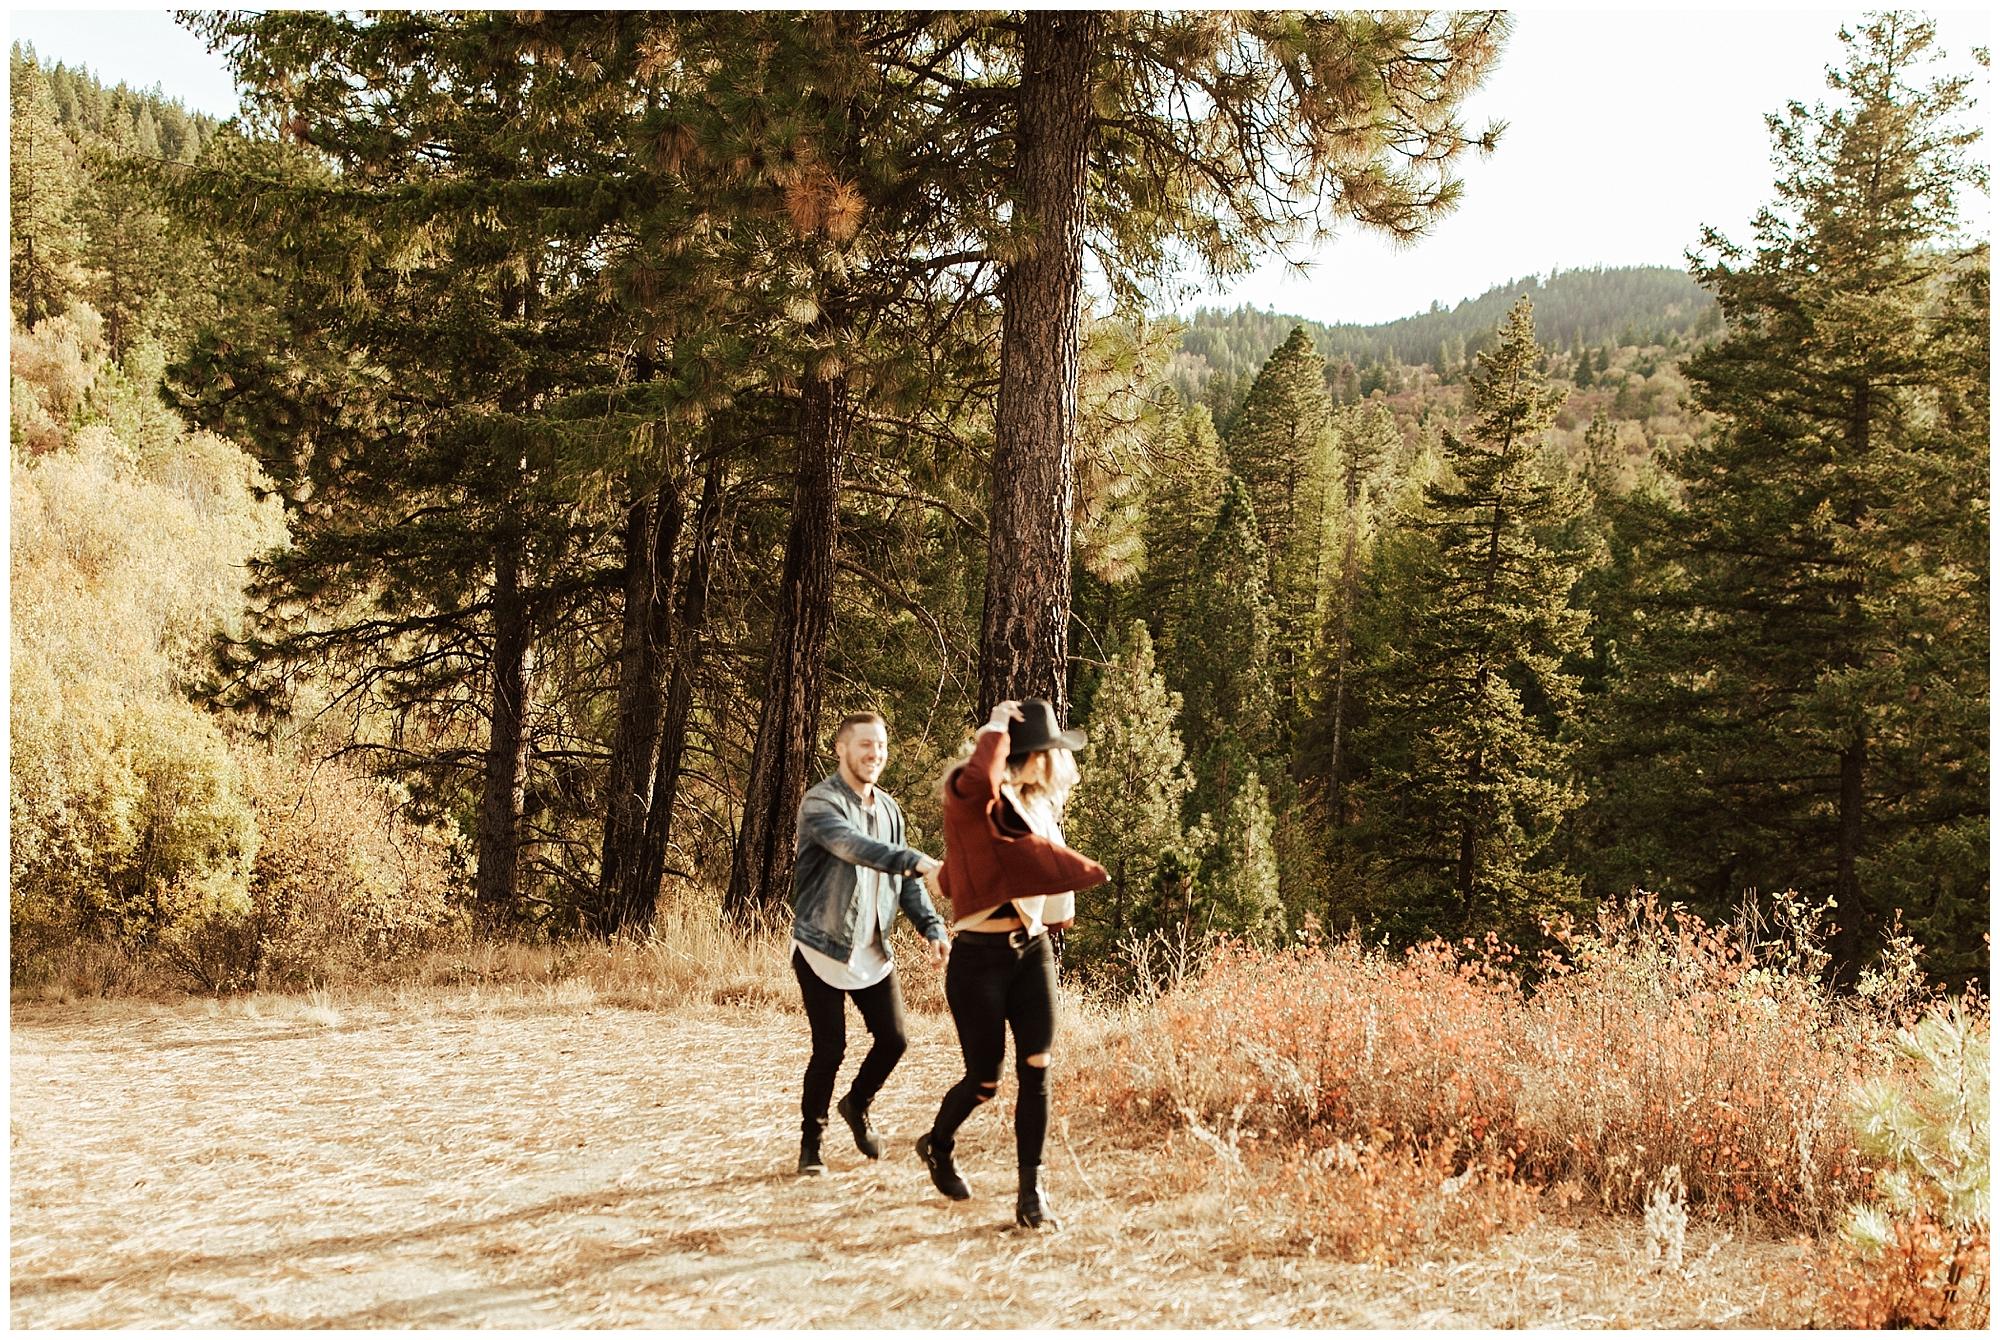 Spokane Cassie Trottier Photography_3069.jpg